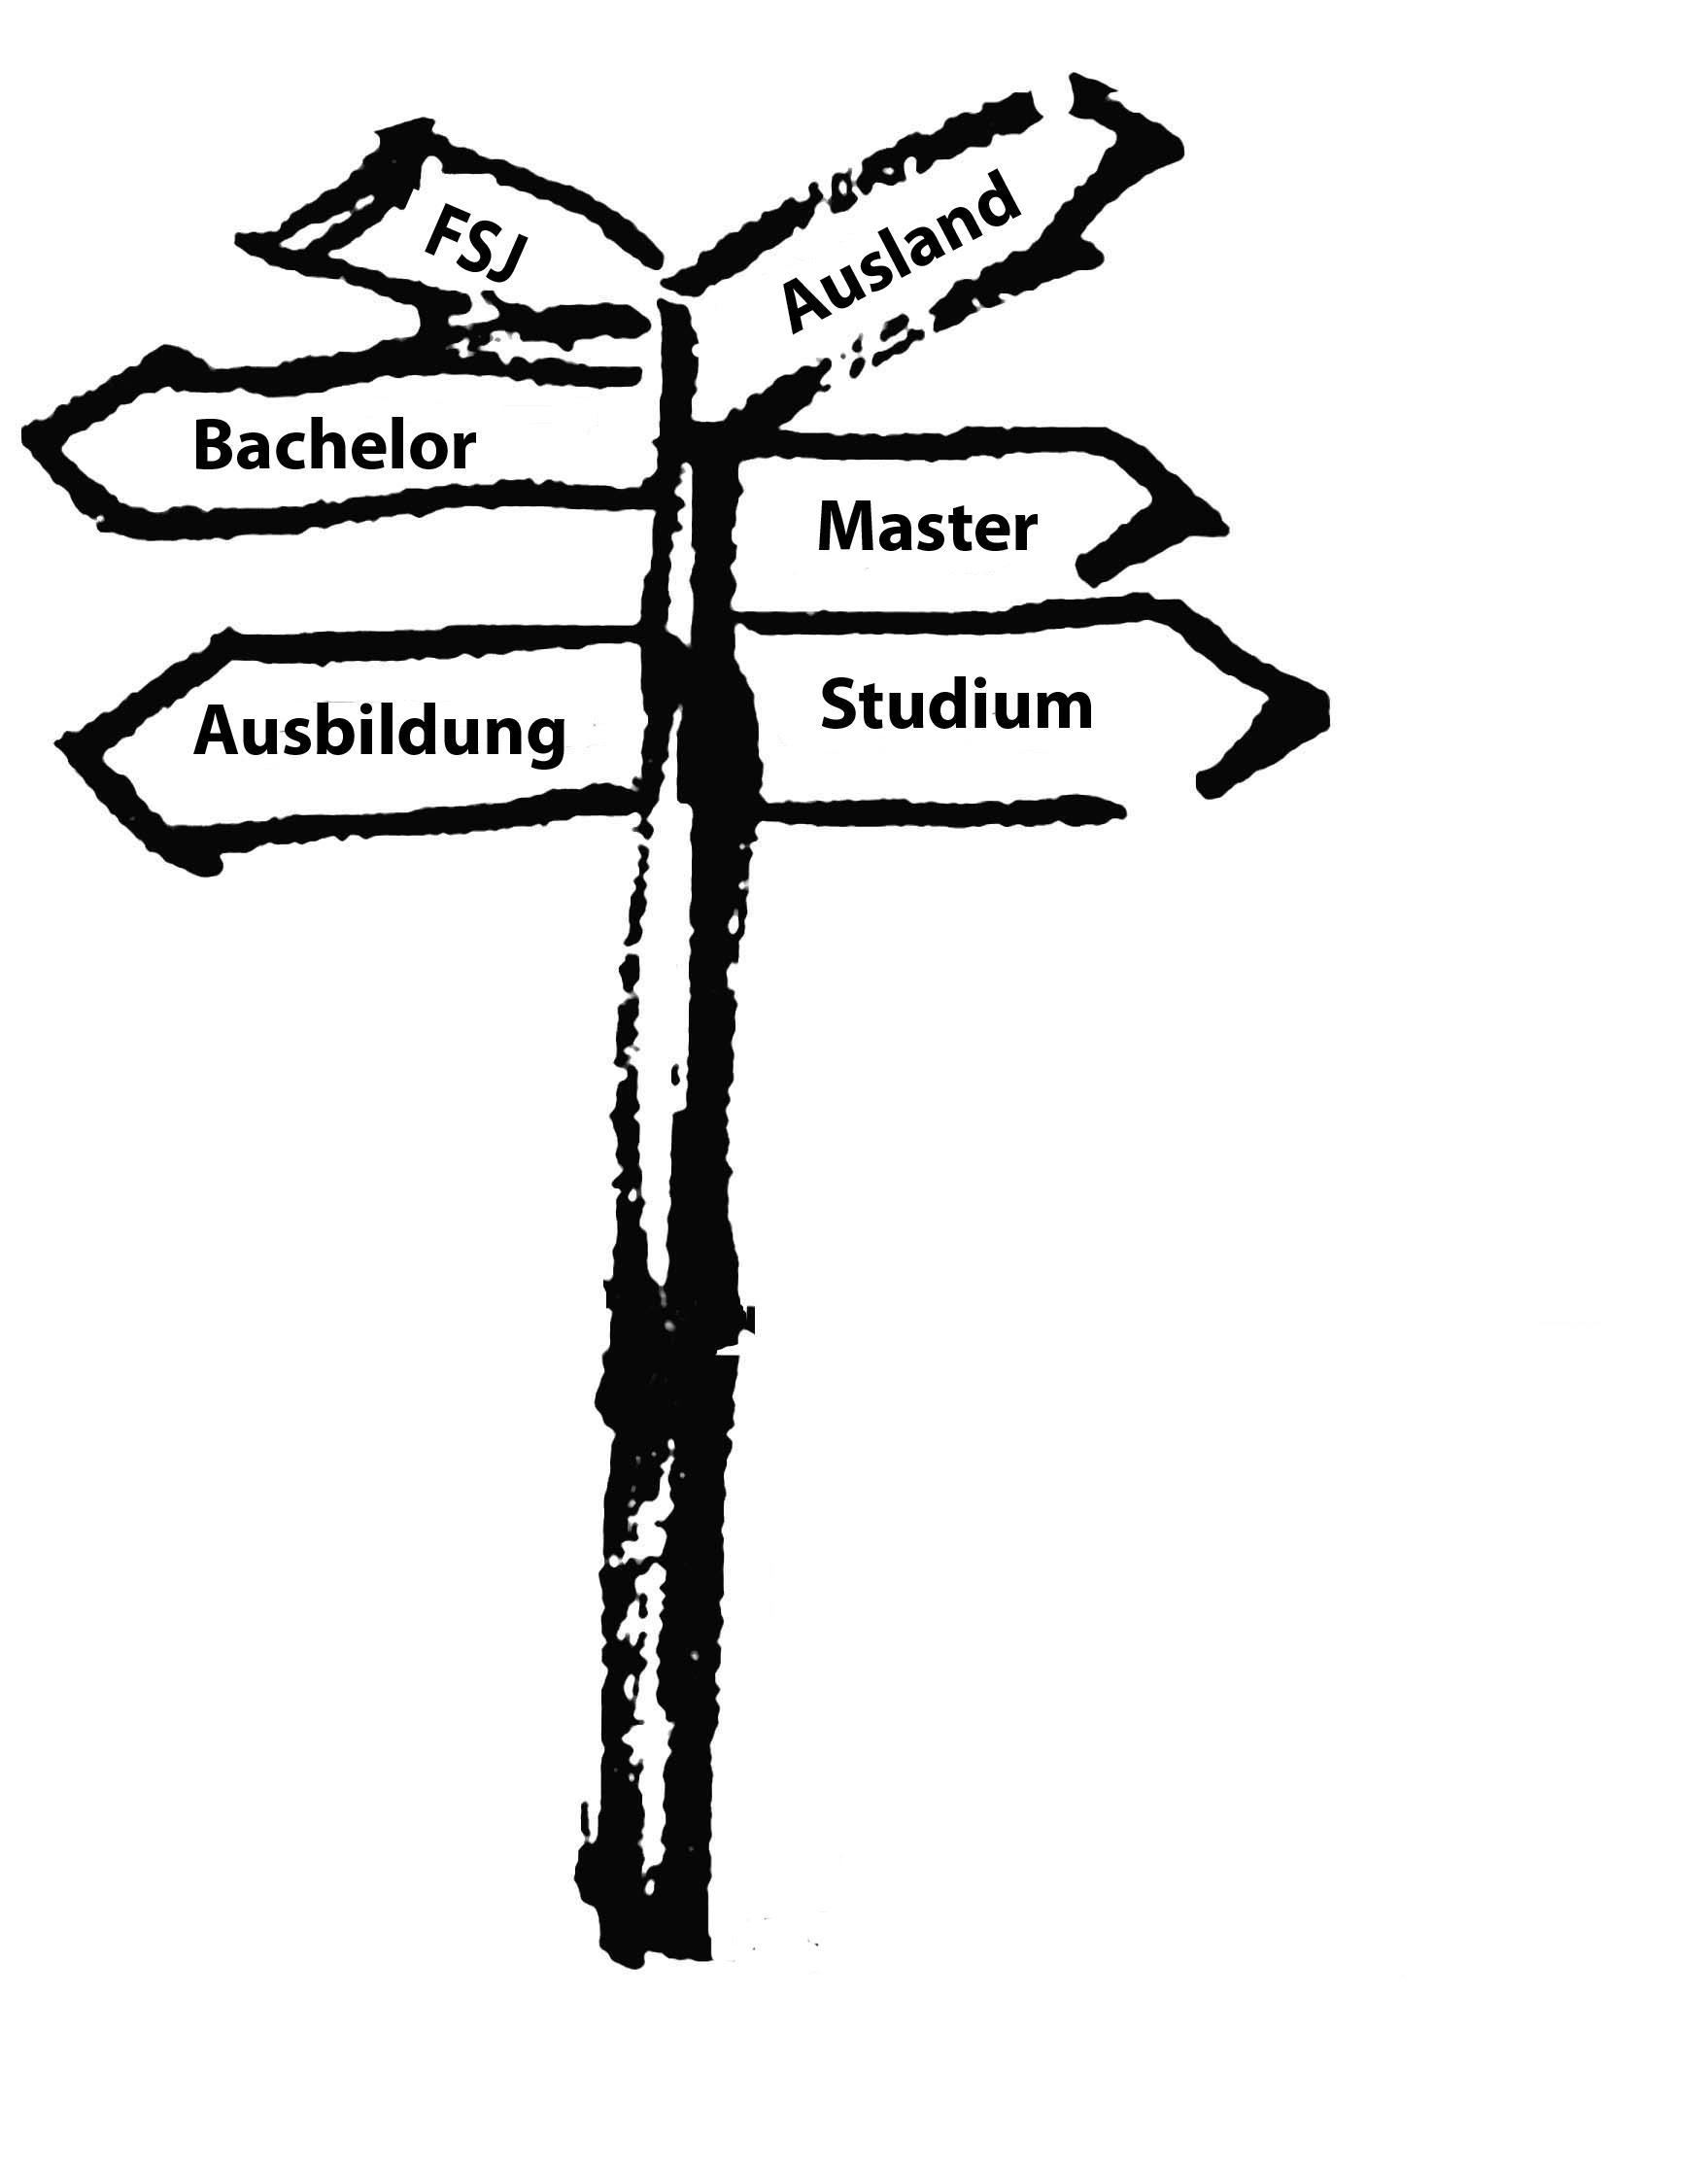 Modul 2 - Bewerbung und Lebenslauf - Hannah-Arendt-Gymnasium Haßloch